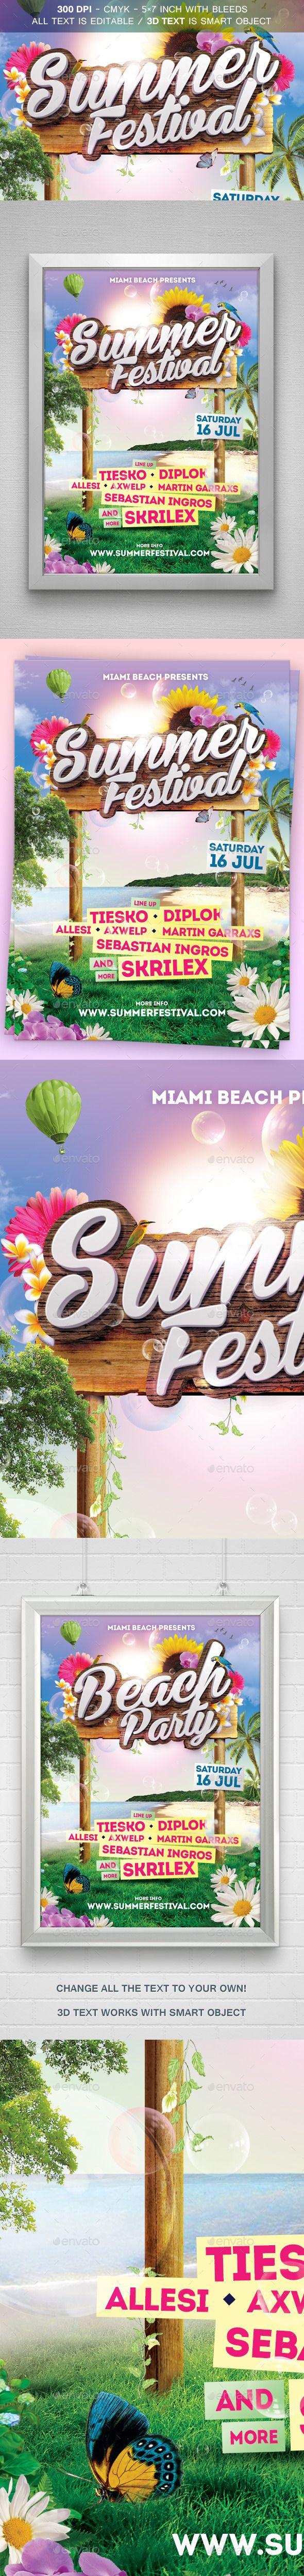 Summer Festival Flyer Template #design #print Download: http://graphicriver.net/item/summer-festival-flyer/11975145?ref=ksioks